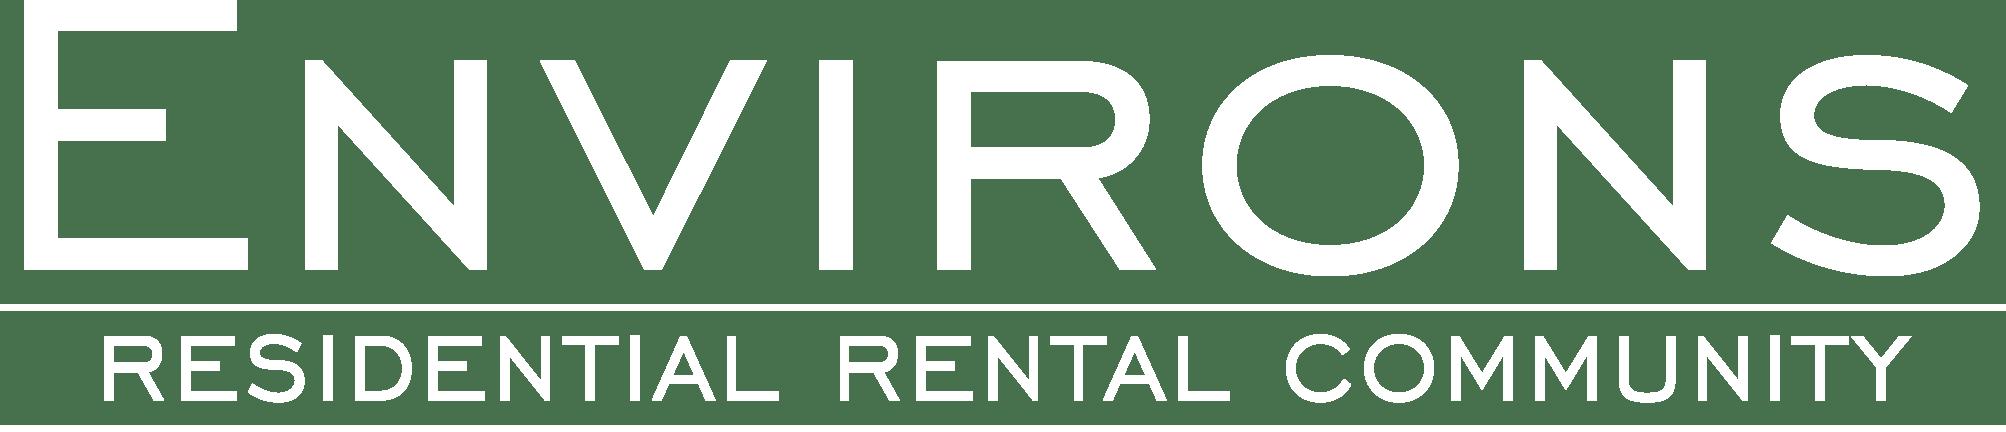 Environs Residential Rental Community